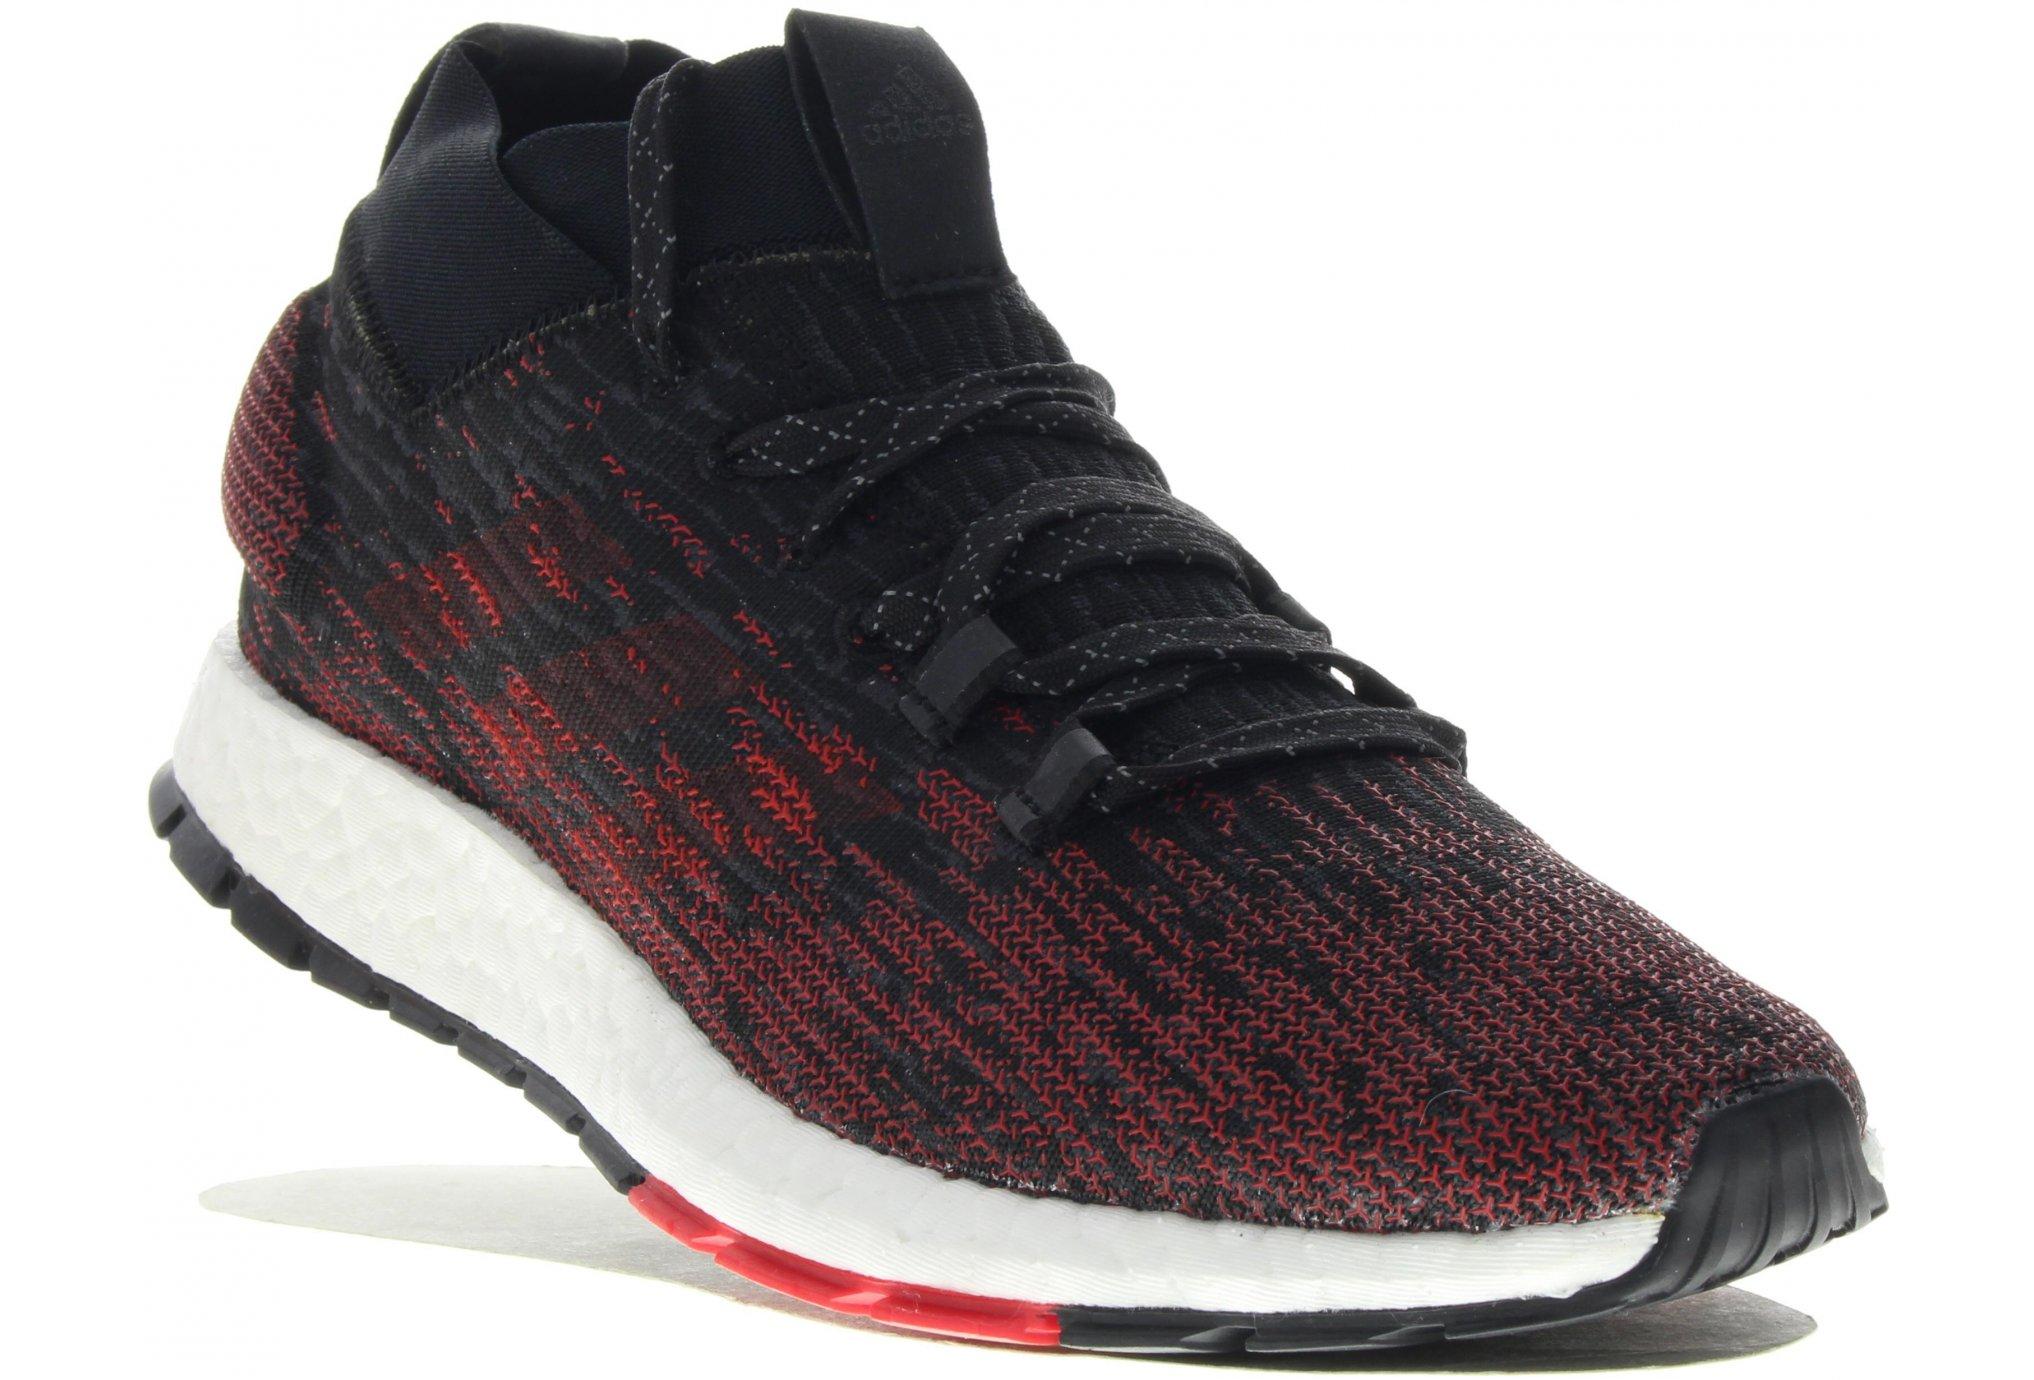 separation shoes 6c76c 02ac3 adidas adizero Tempo 9 Aktiv M homme Noir pas cher